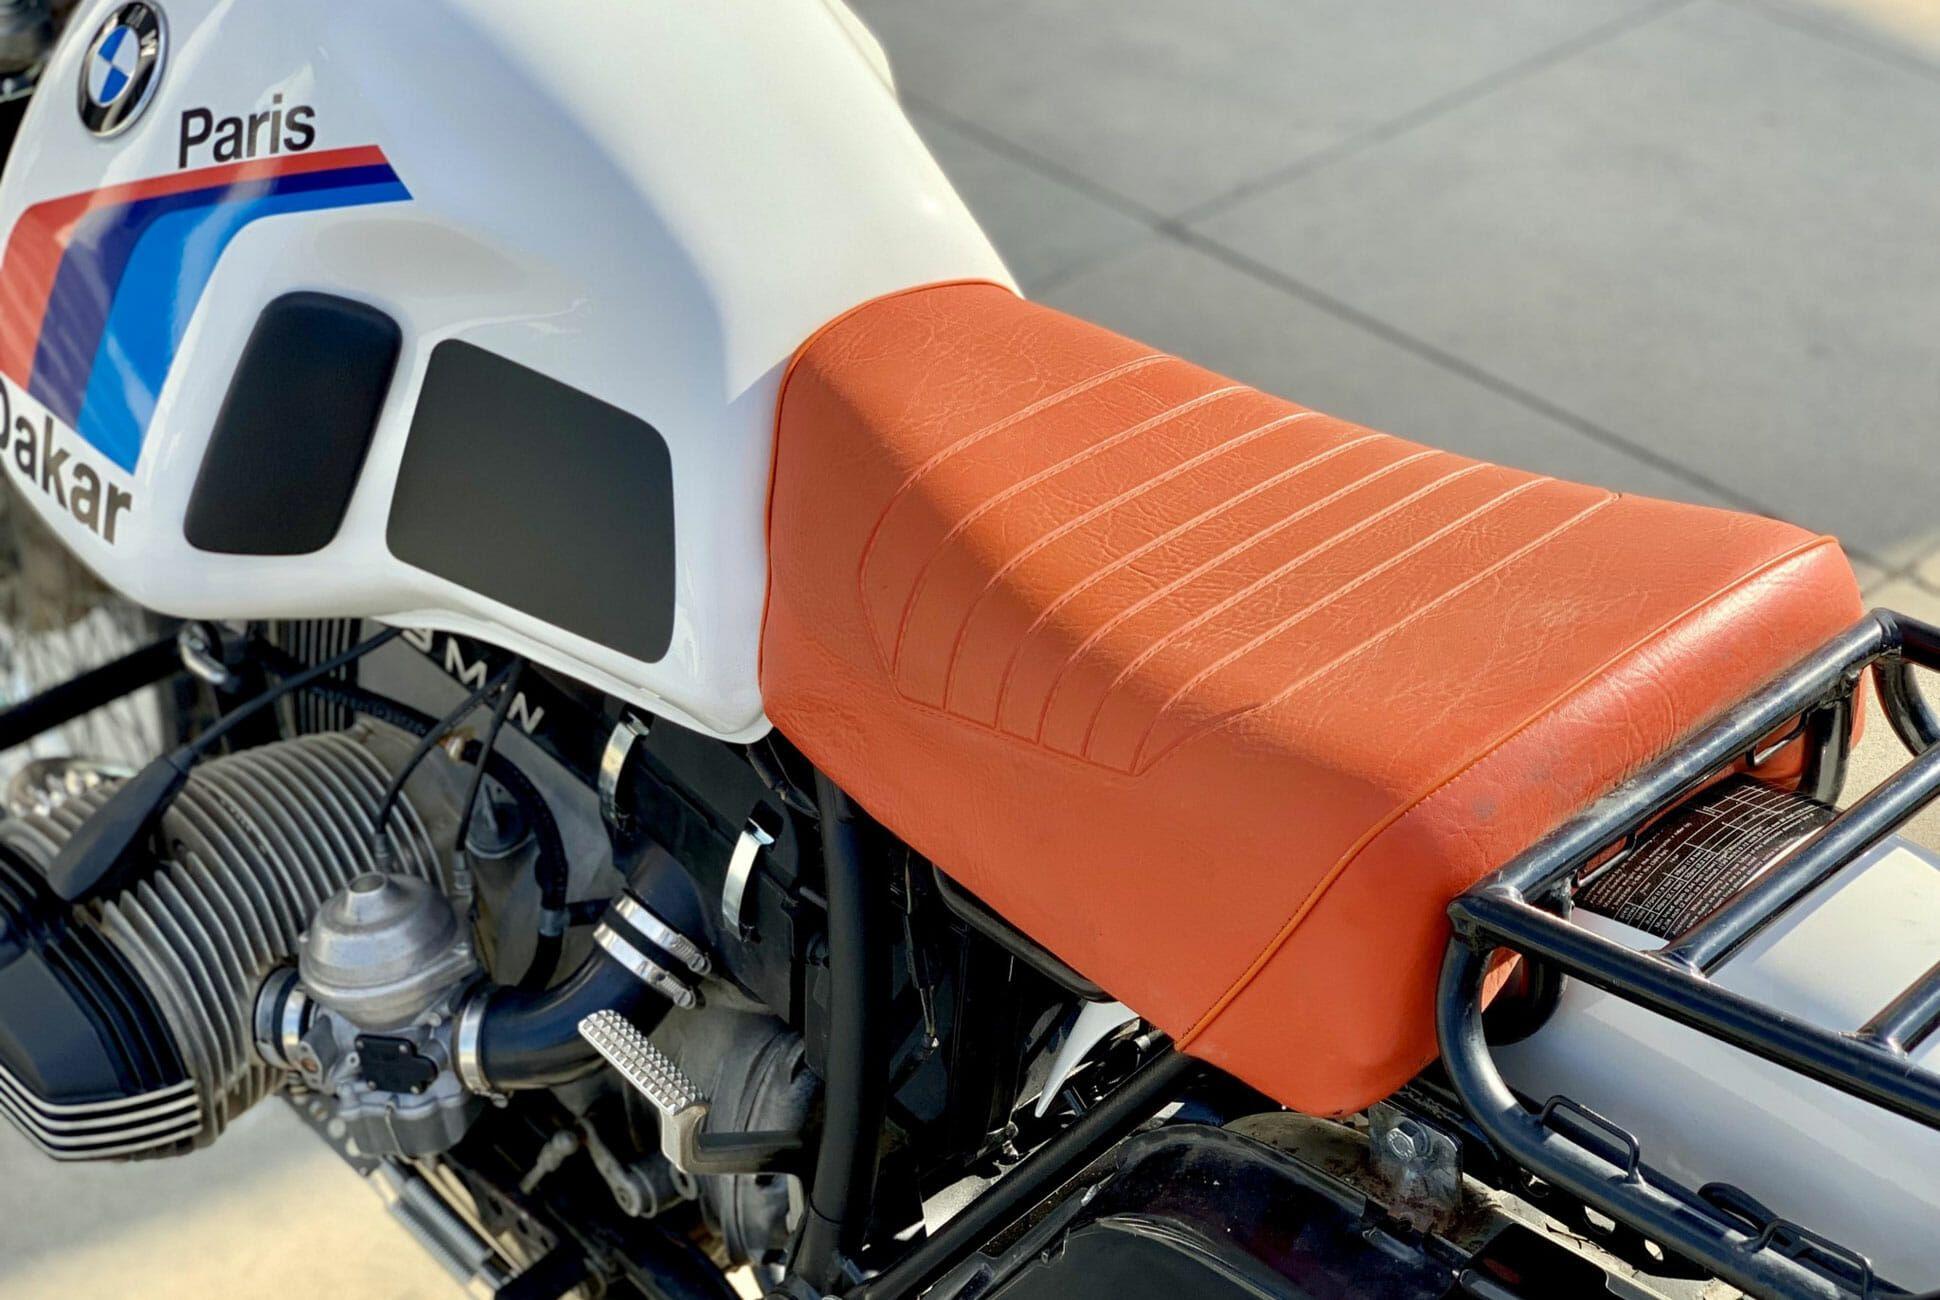 1981-BMW-R80G-Dakar-Gear-Patrol-slide-4